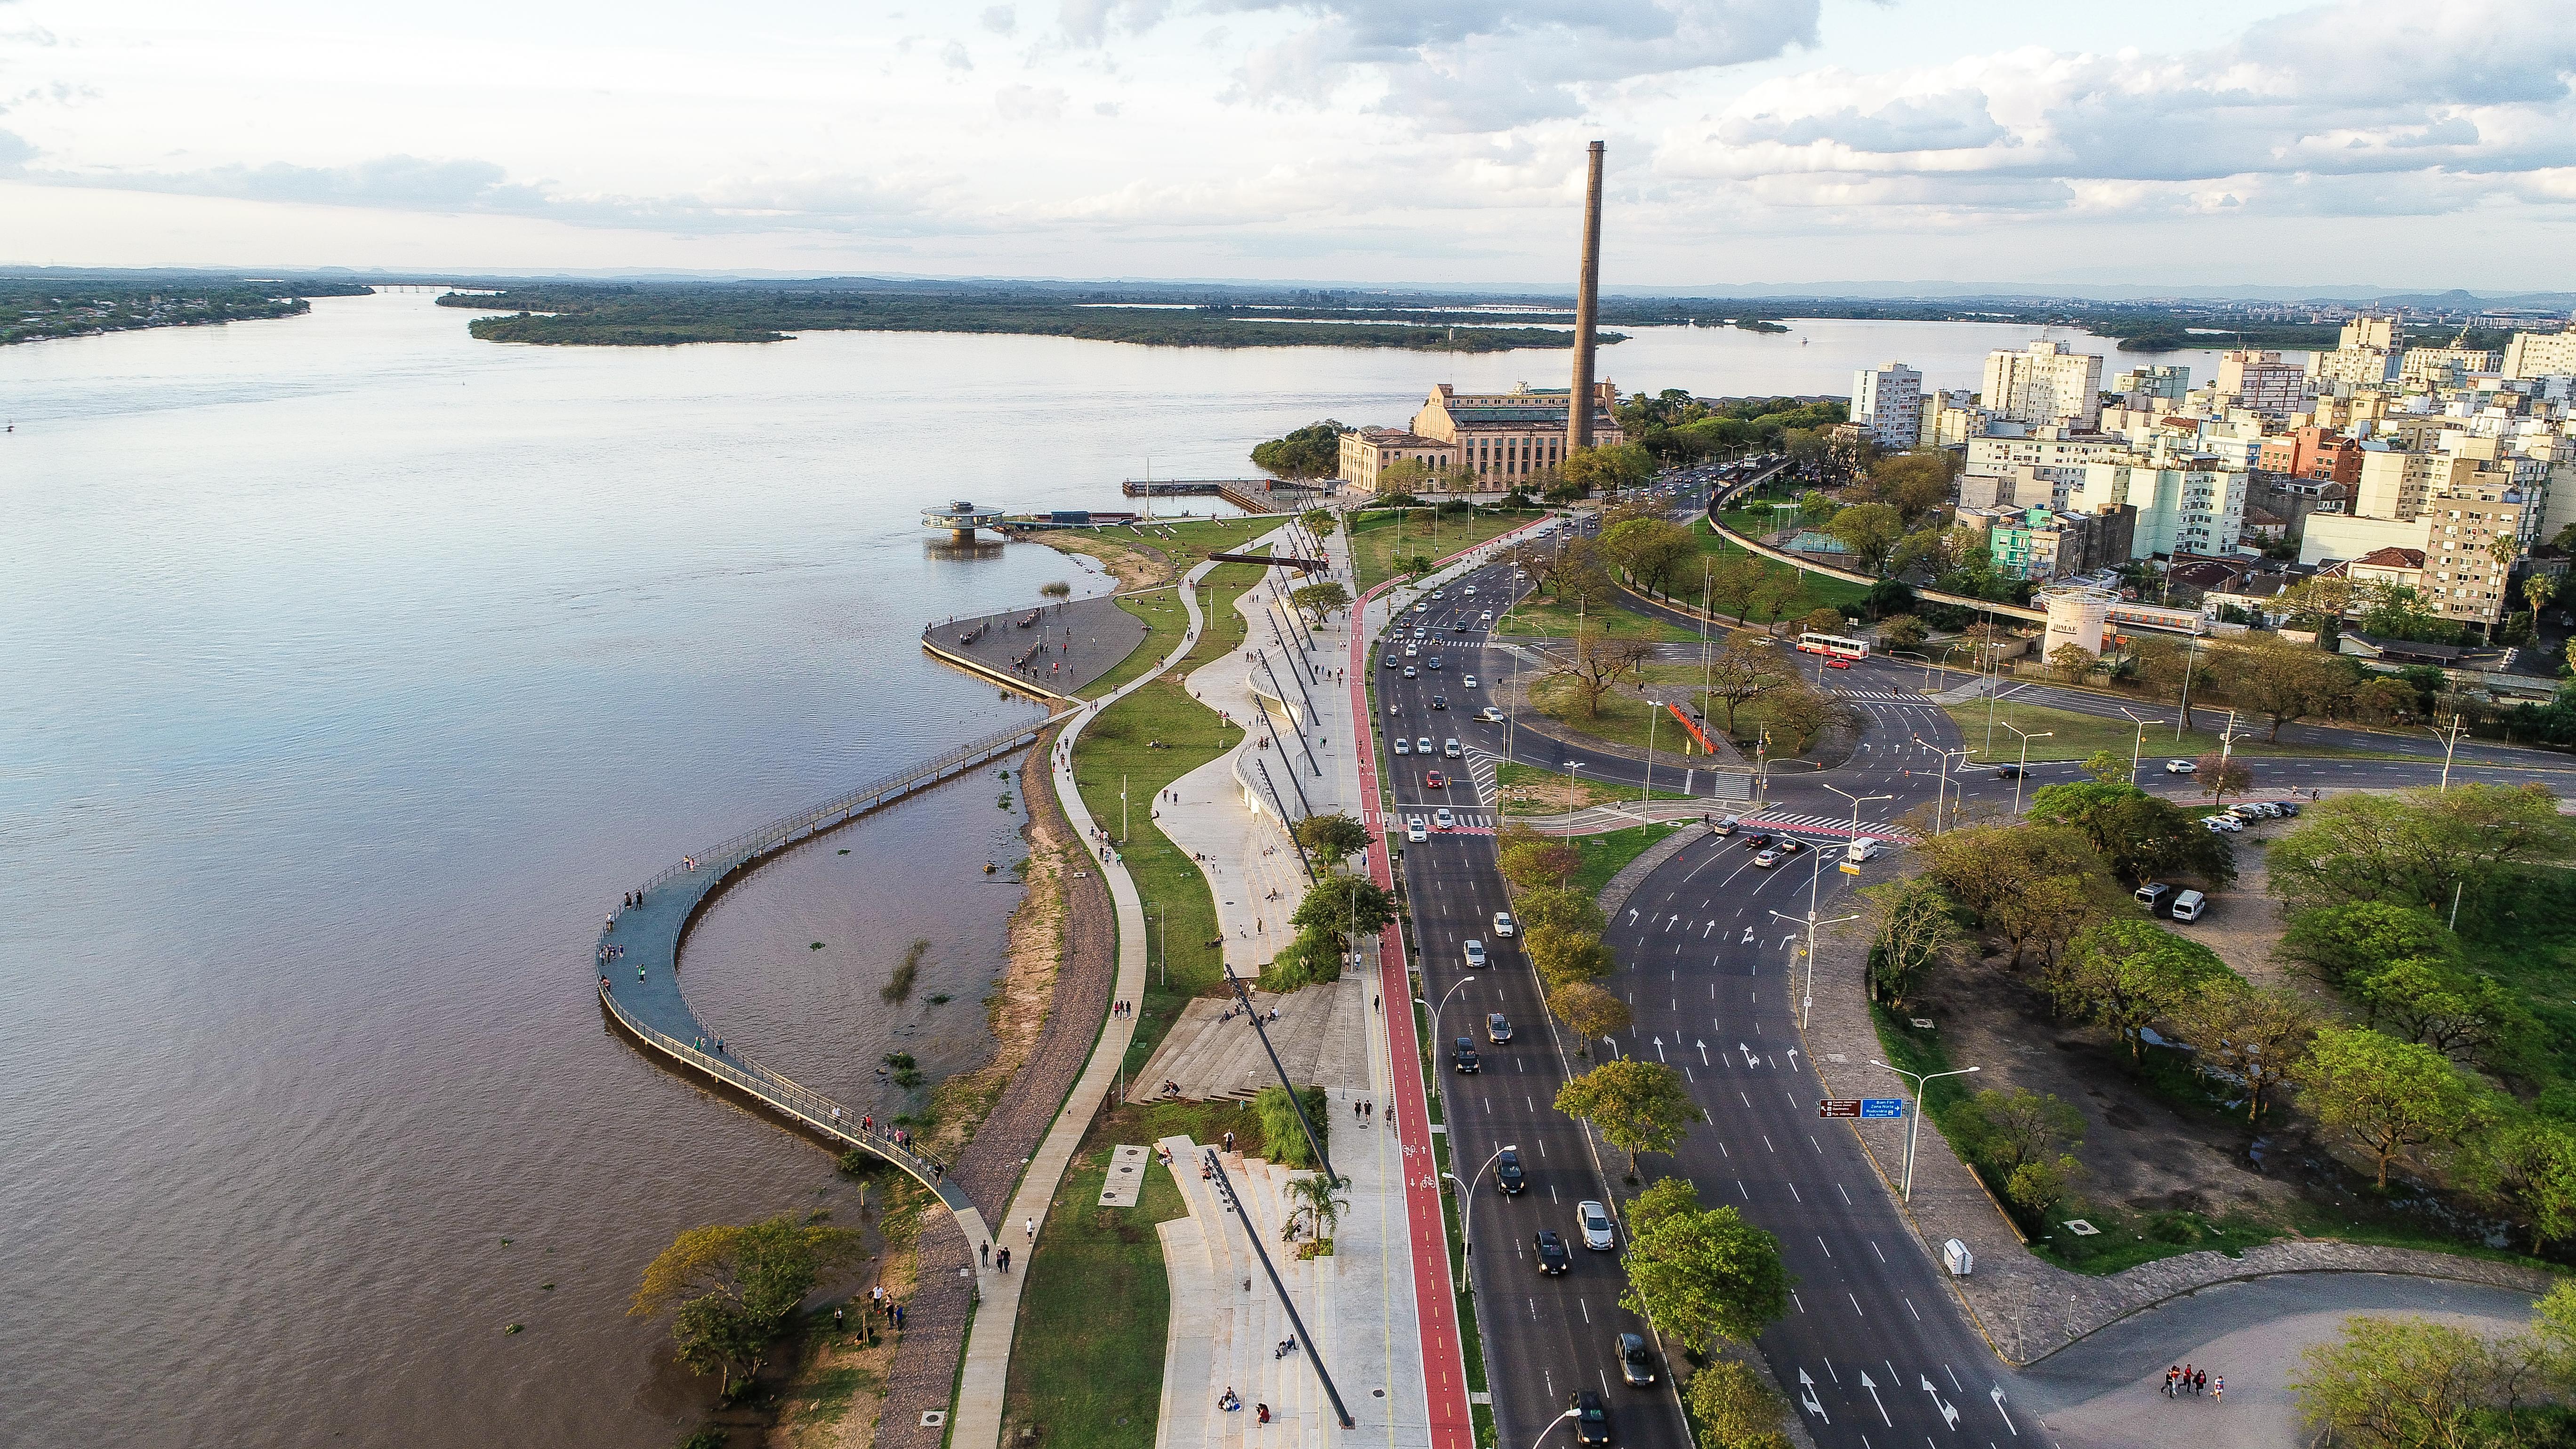 Parque Urbano da Orla do Guaíba